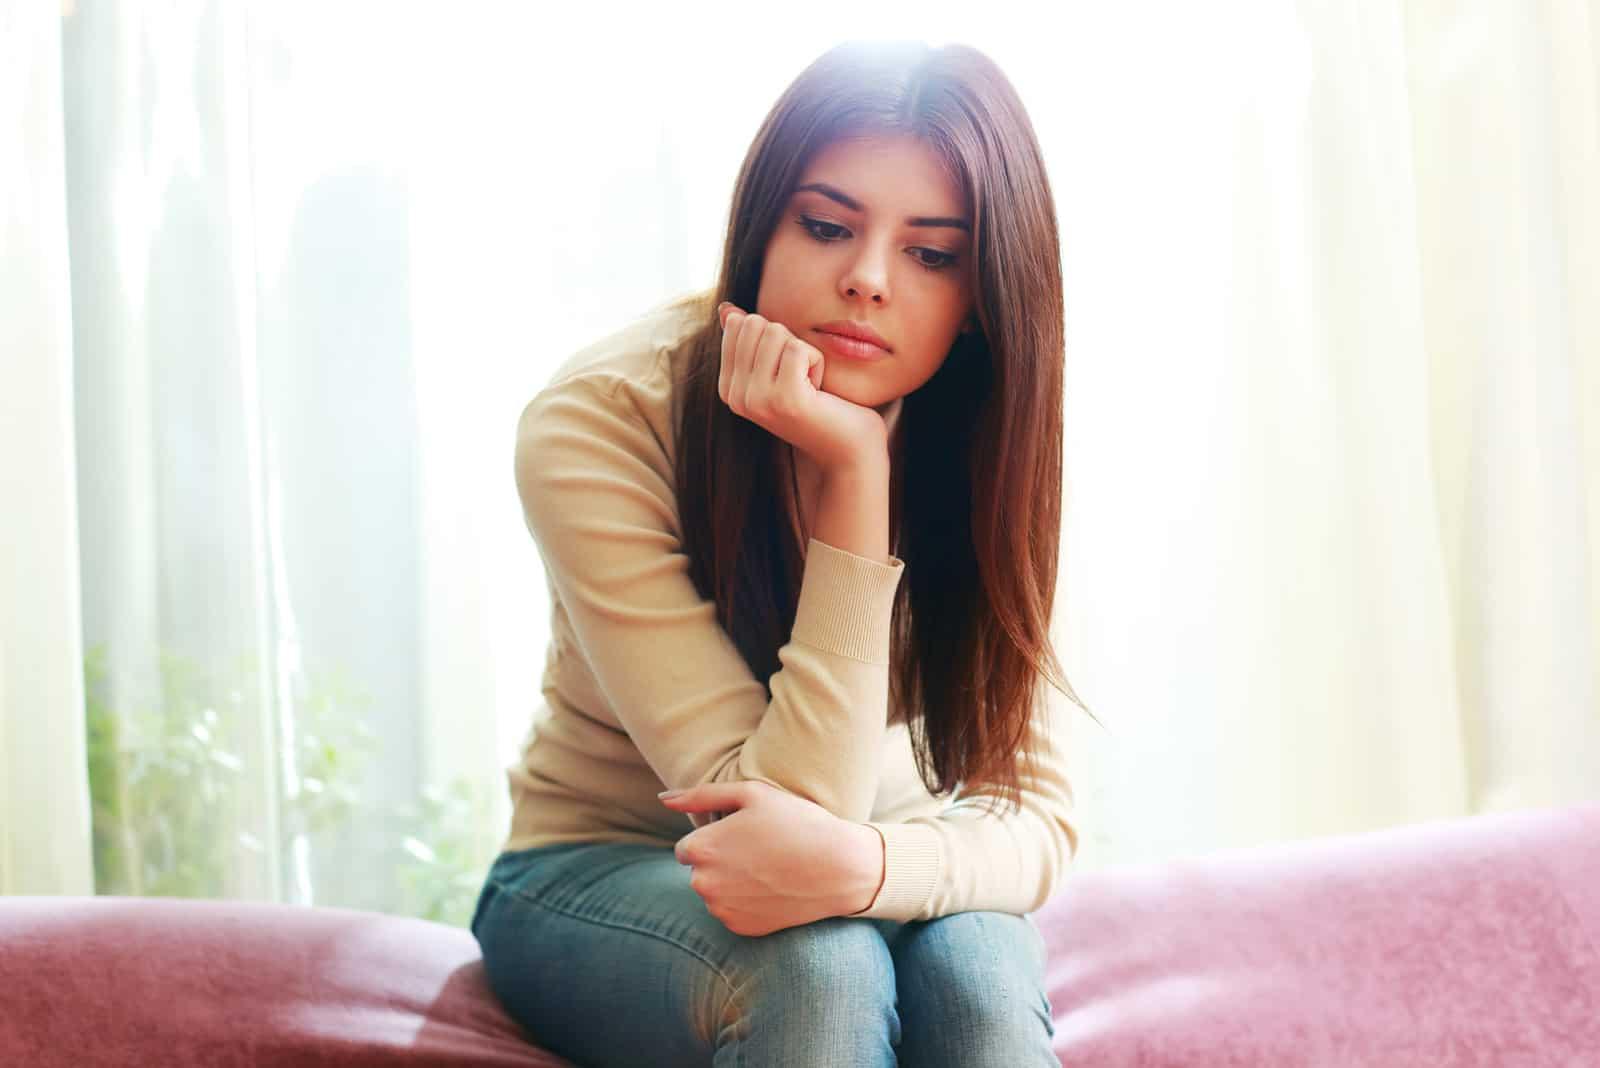 femme triste assise sur un canapé près d'un rideau blanc